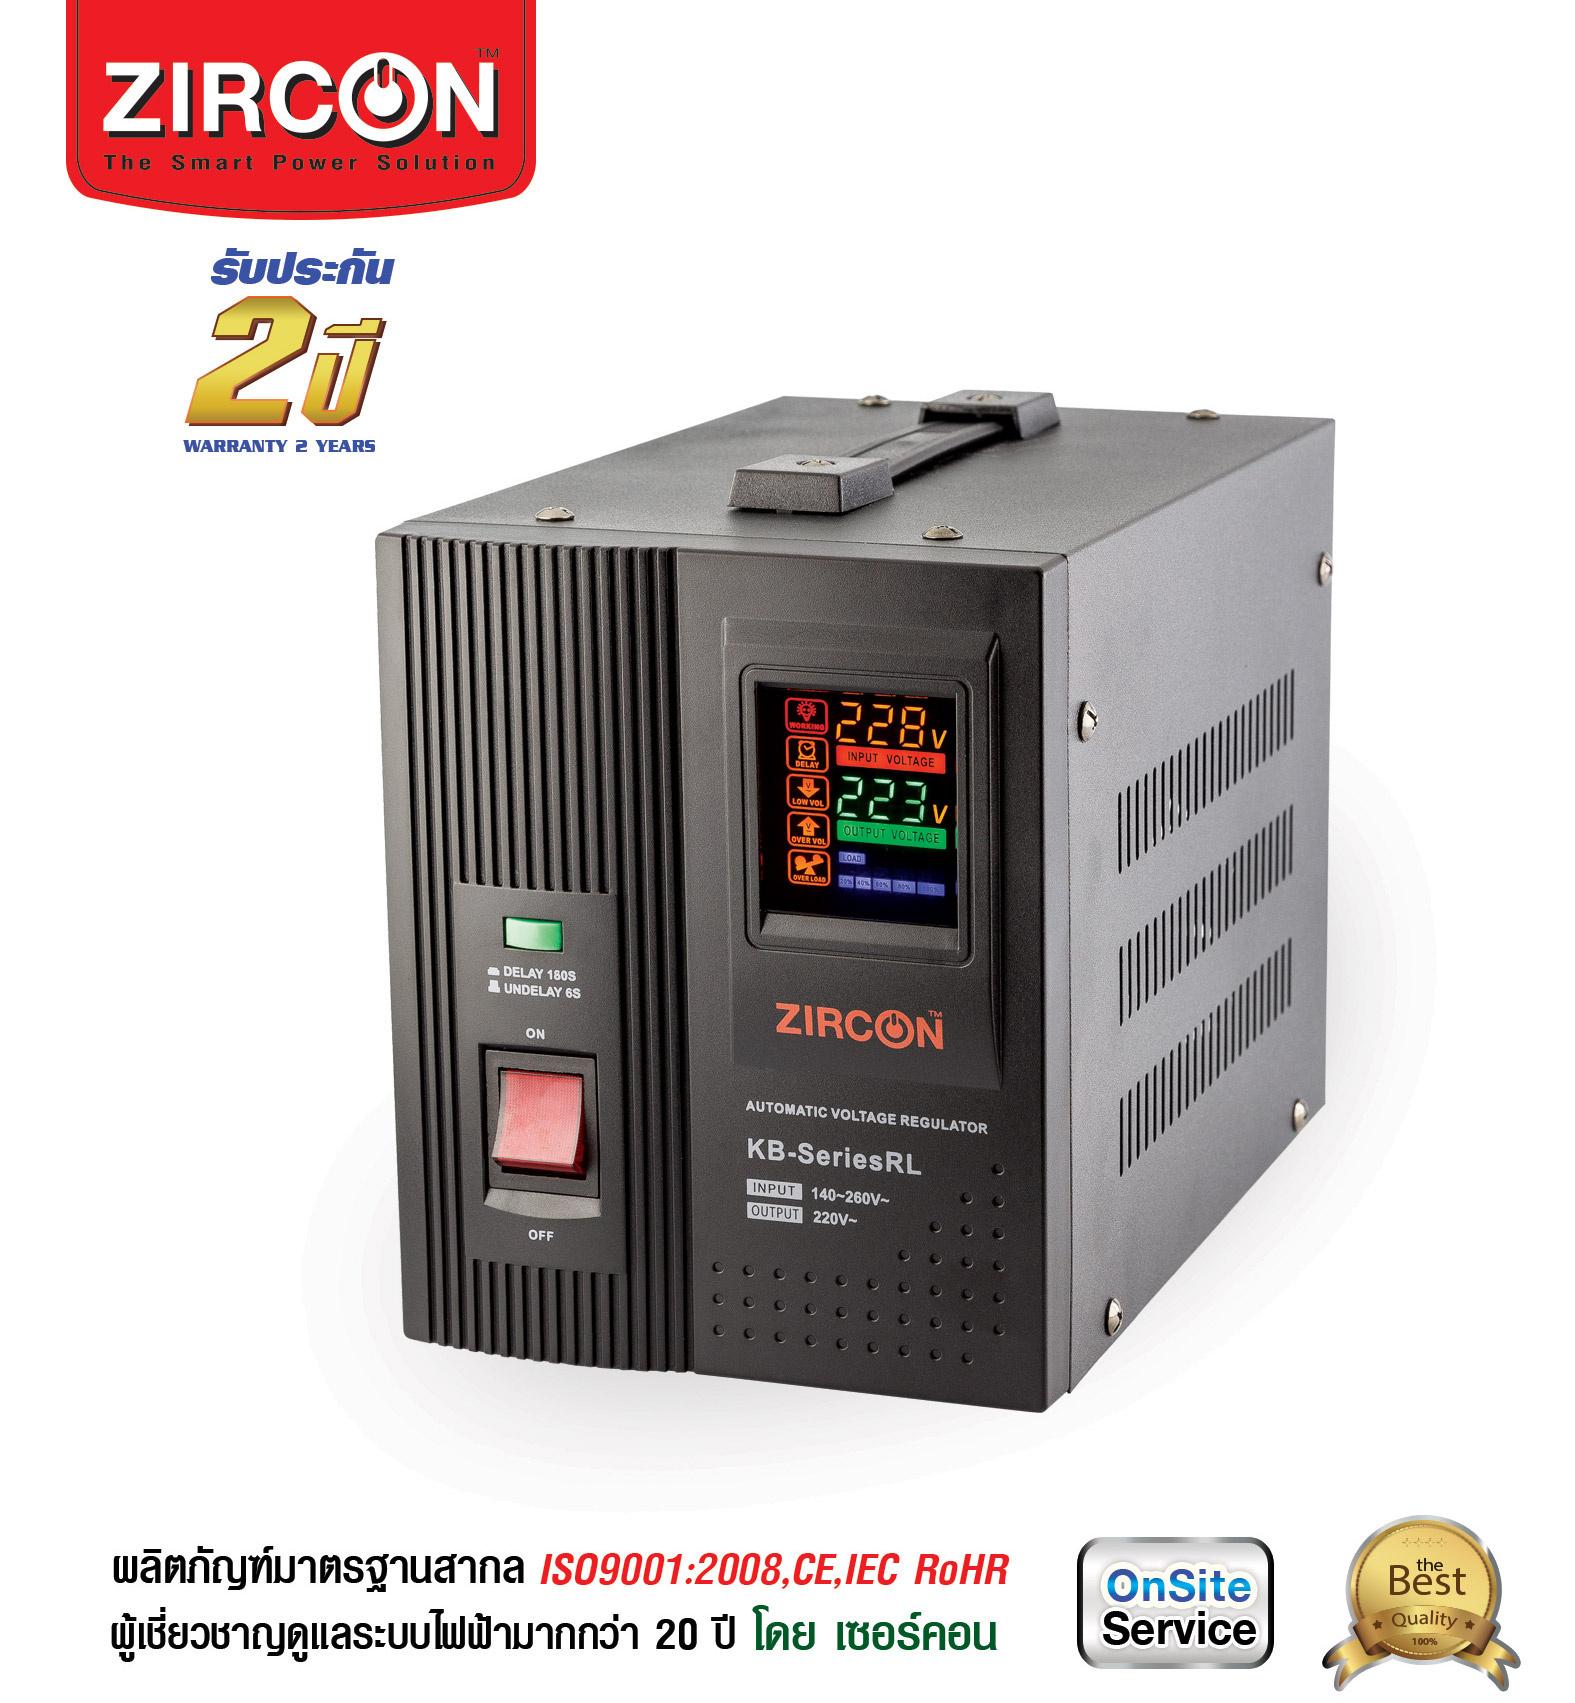 ZIRCON เครื่องปรับแรงดันไฟฟ้าอัตโนมัติ KB-Series RL 1000VA